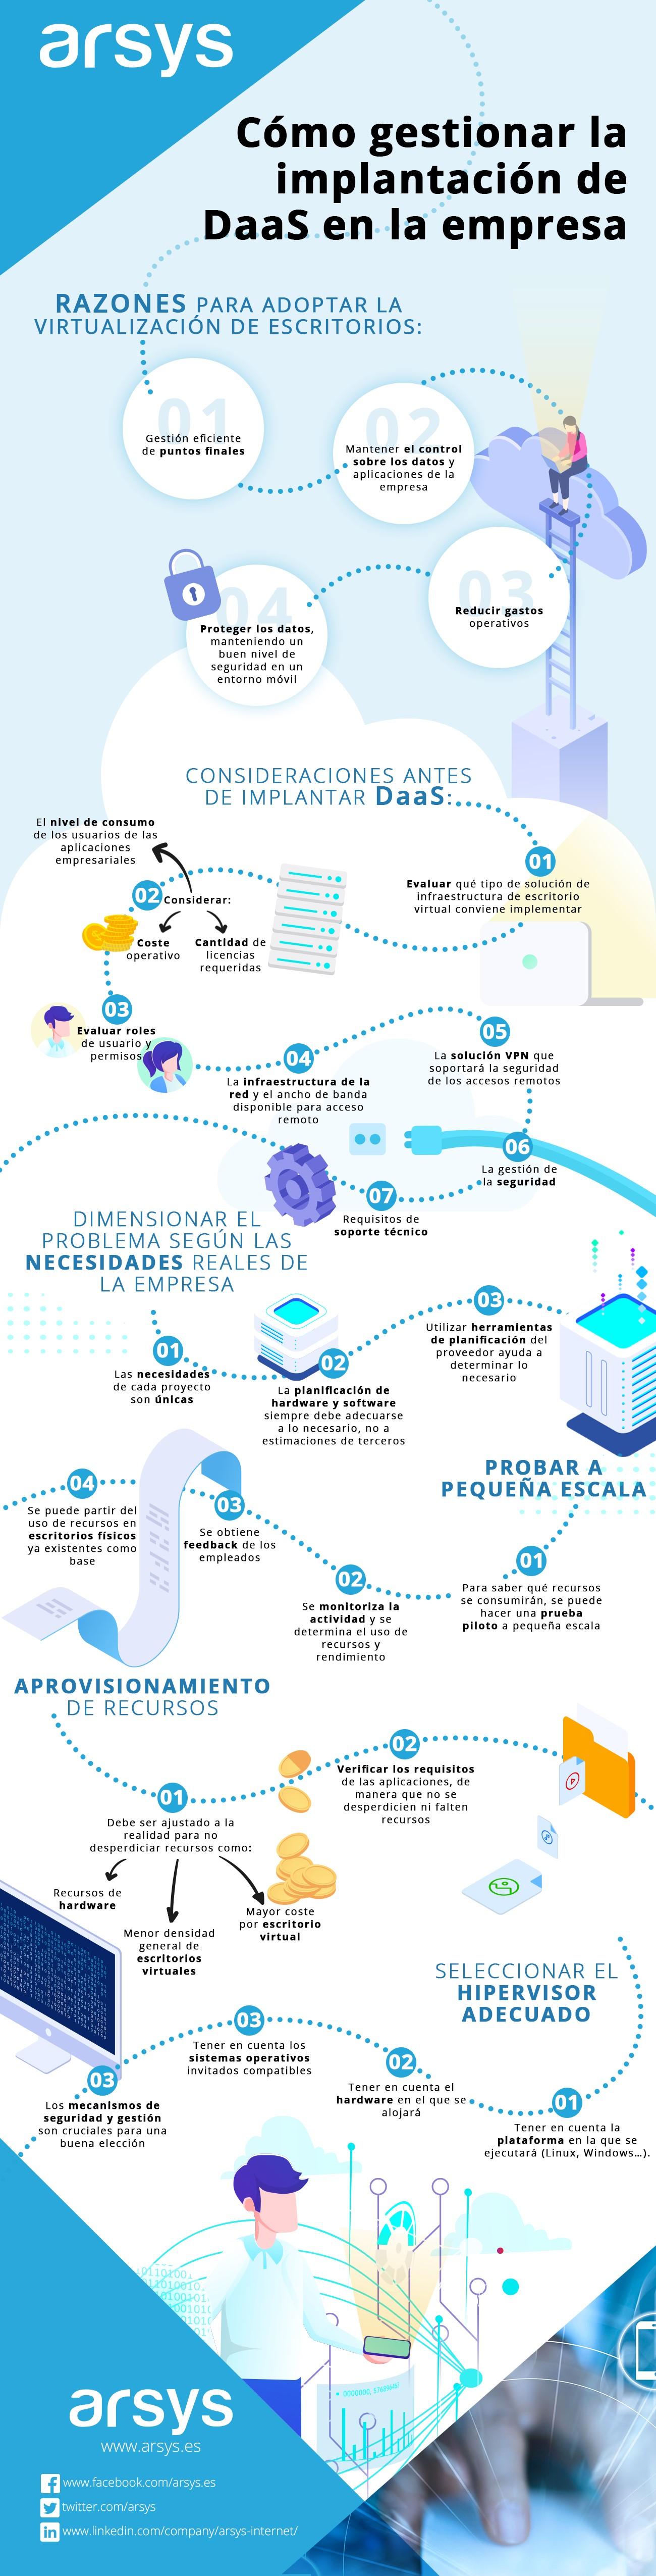 Infografía: Cómo gestionar la implantación de DaaS en la empresa